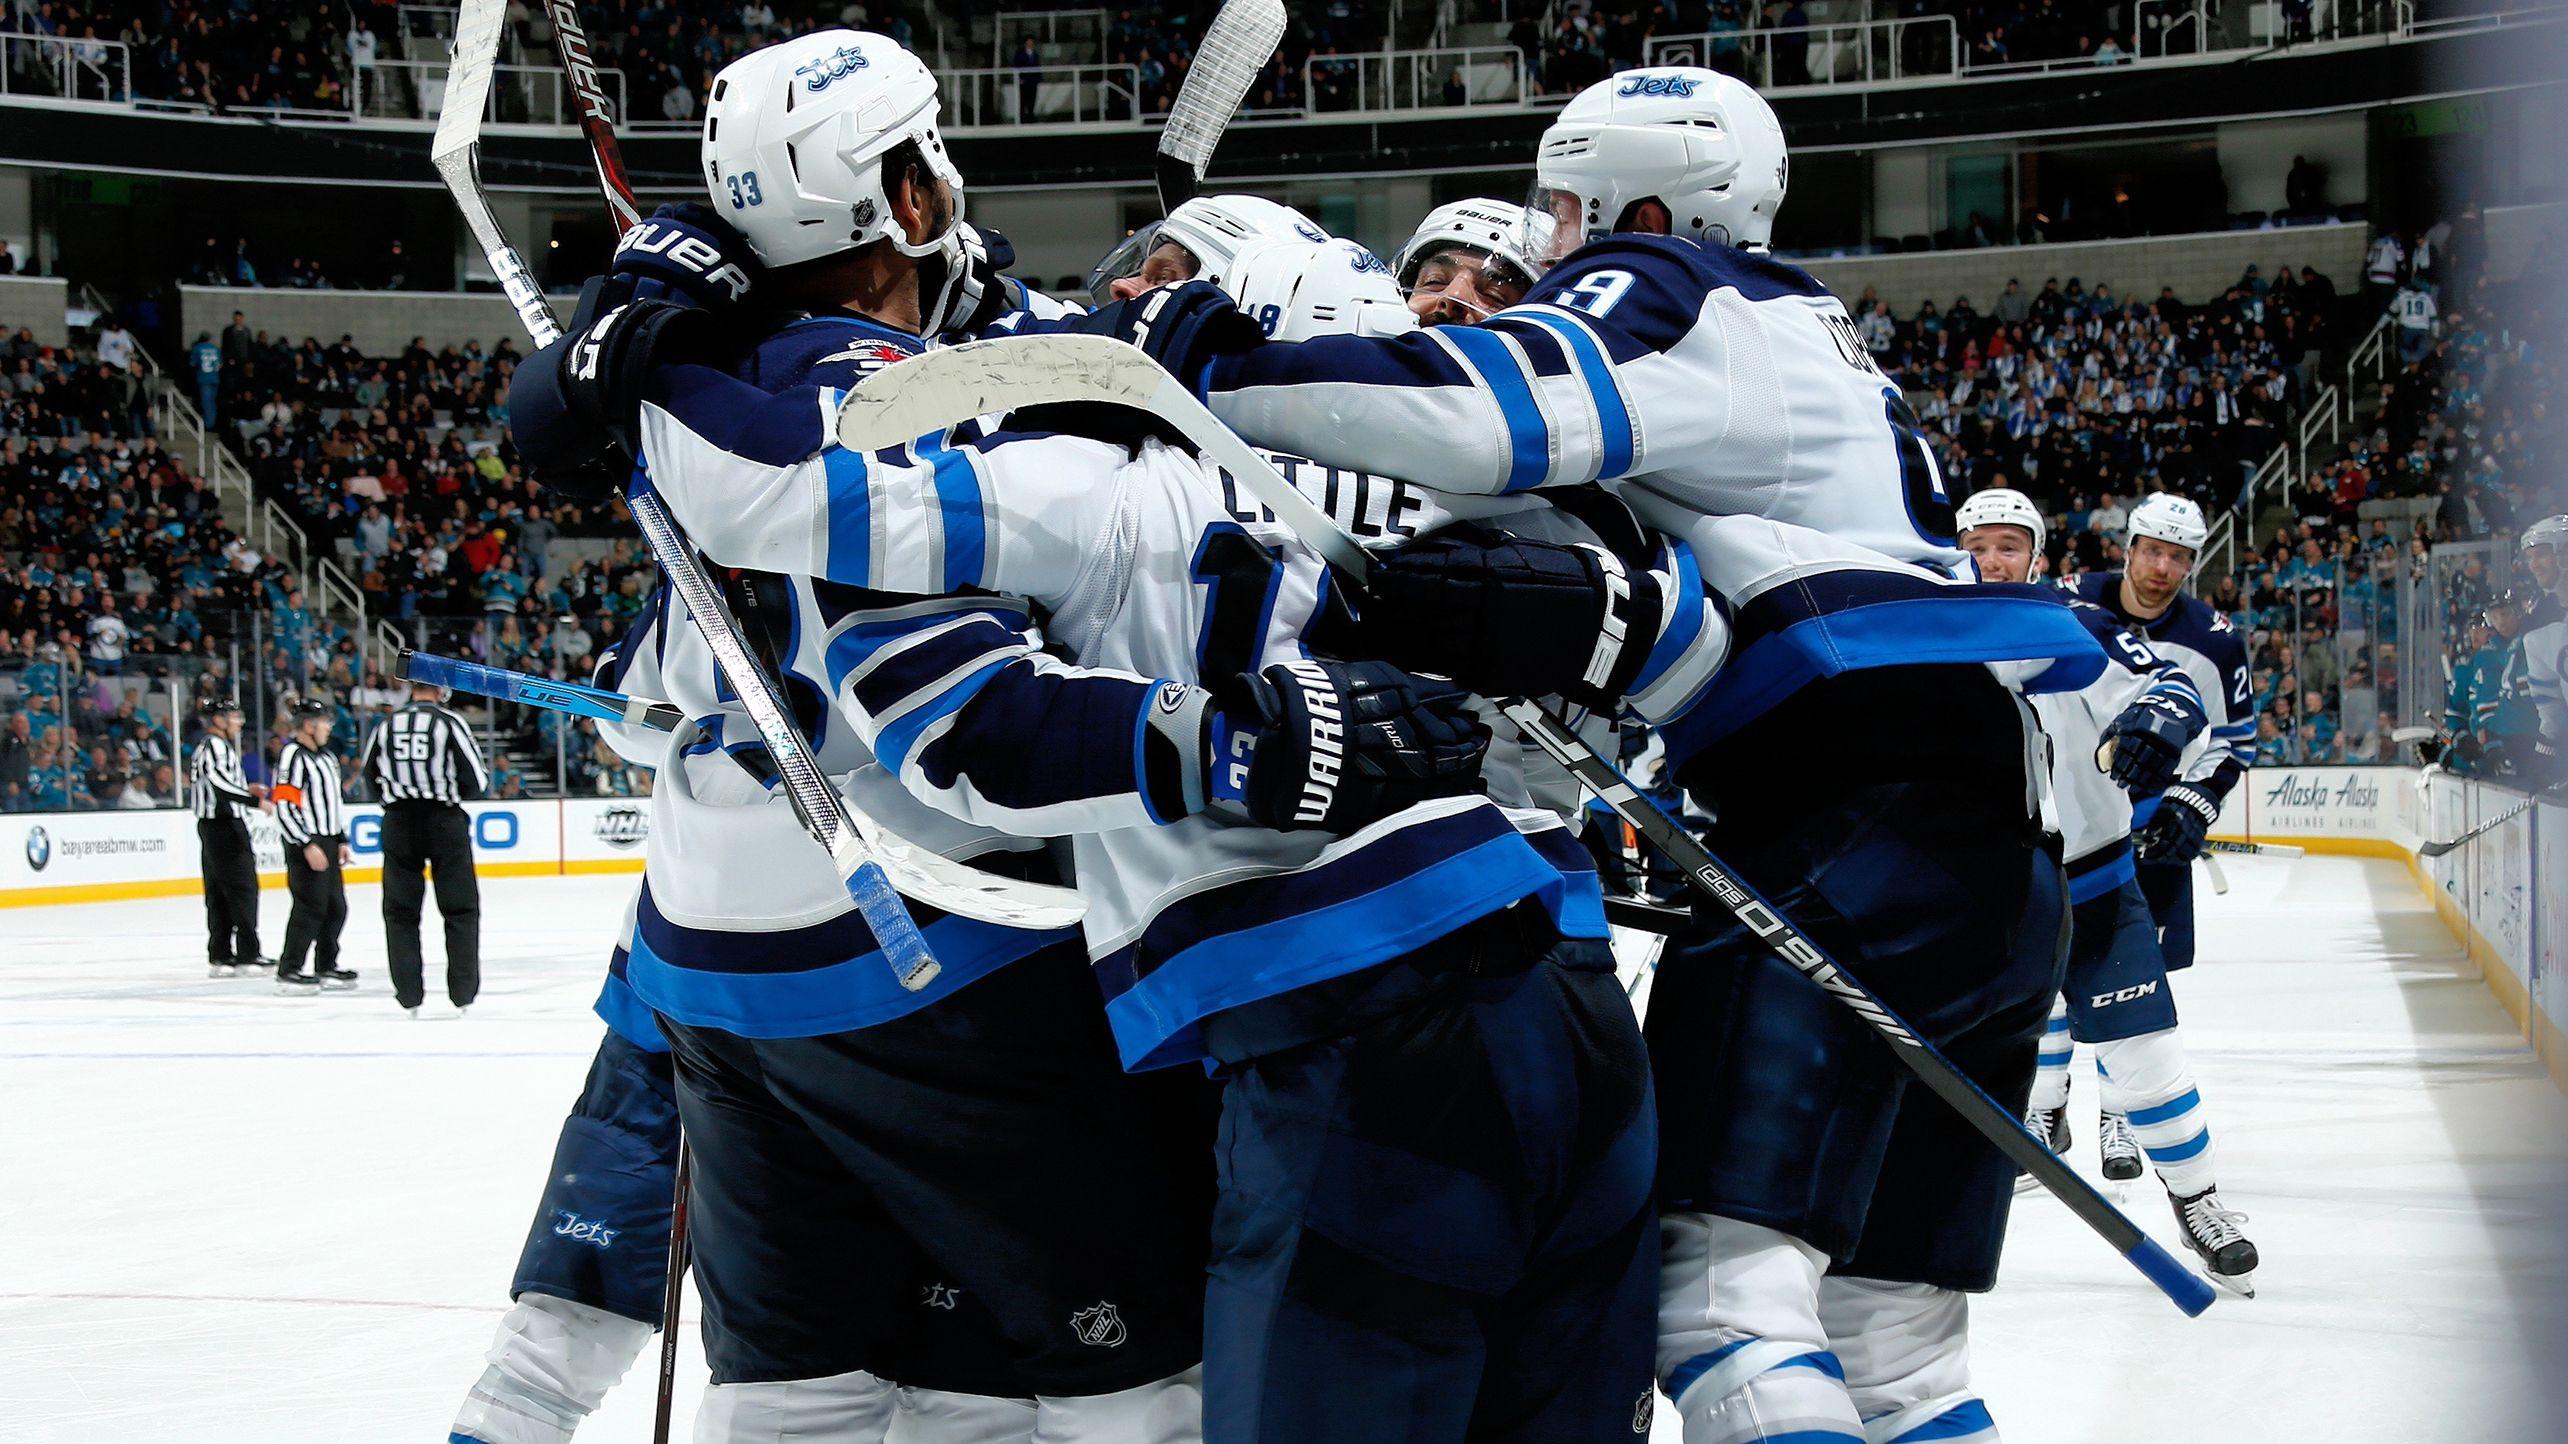 Little scores overtime winner as Jets hold off Sharks